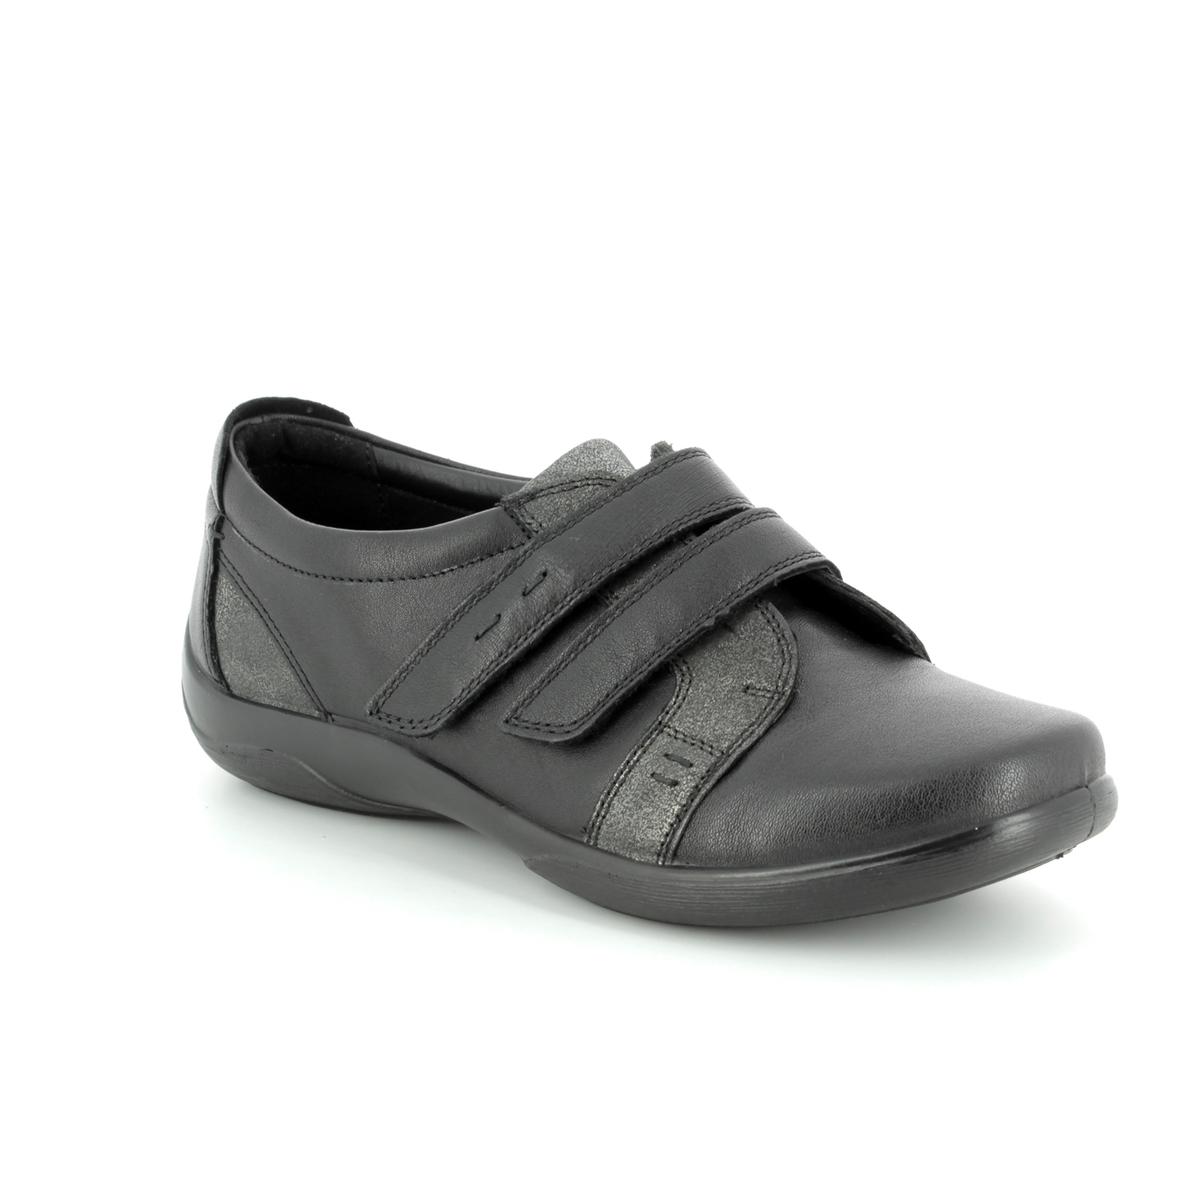 a7e0f7beac5 Padders Comfort Shoes - Black - 0877 10 PIANO 2E-3E